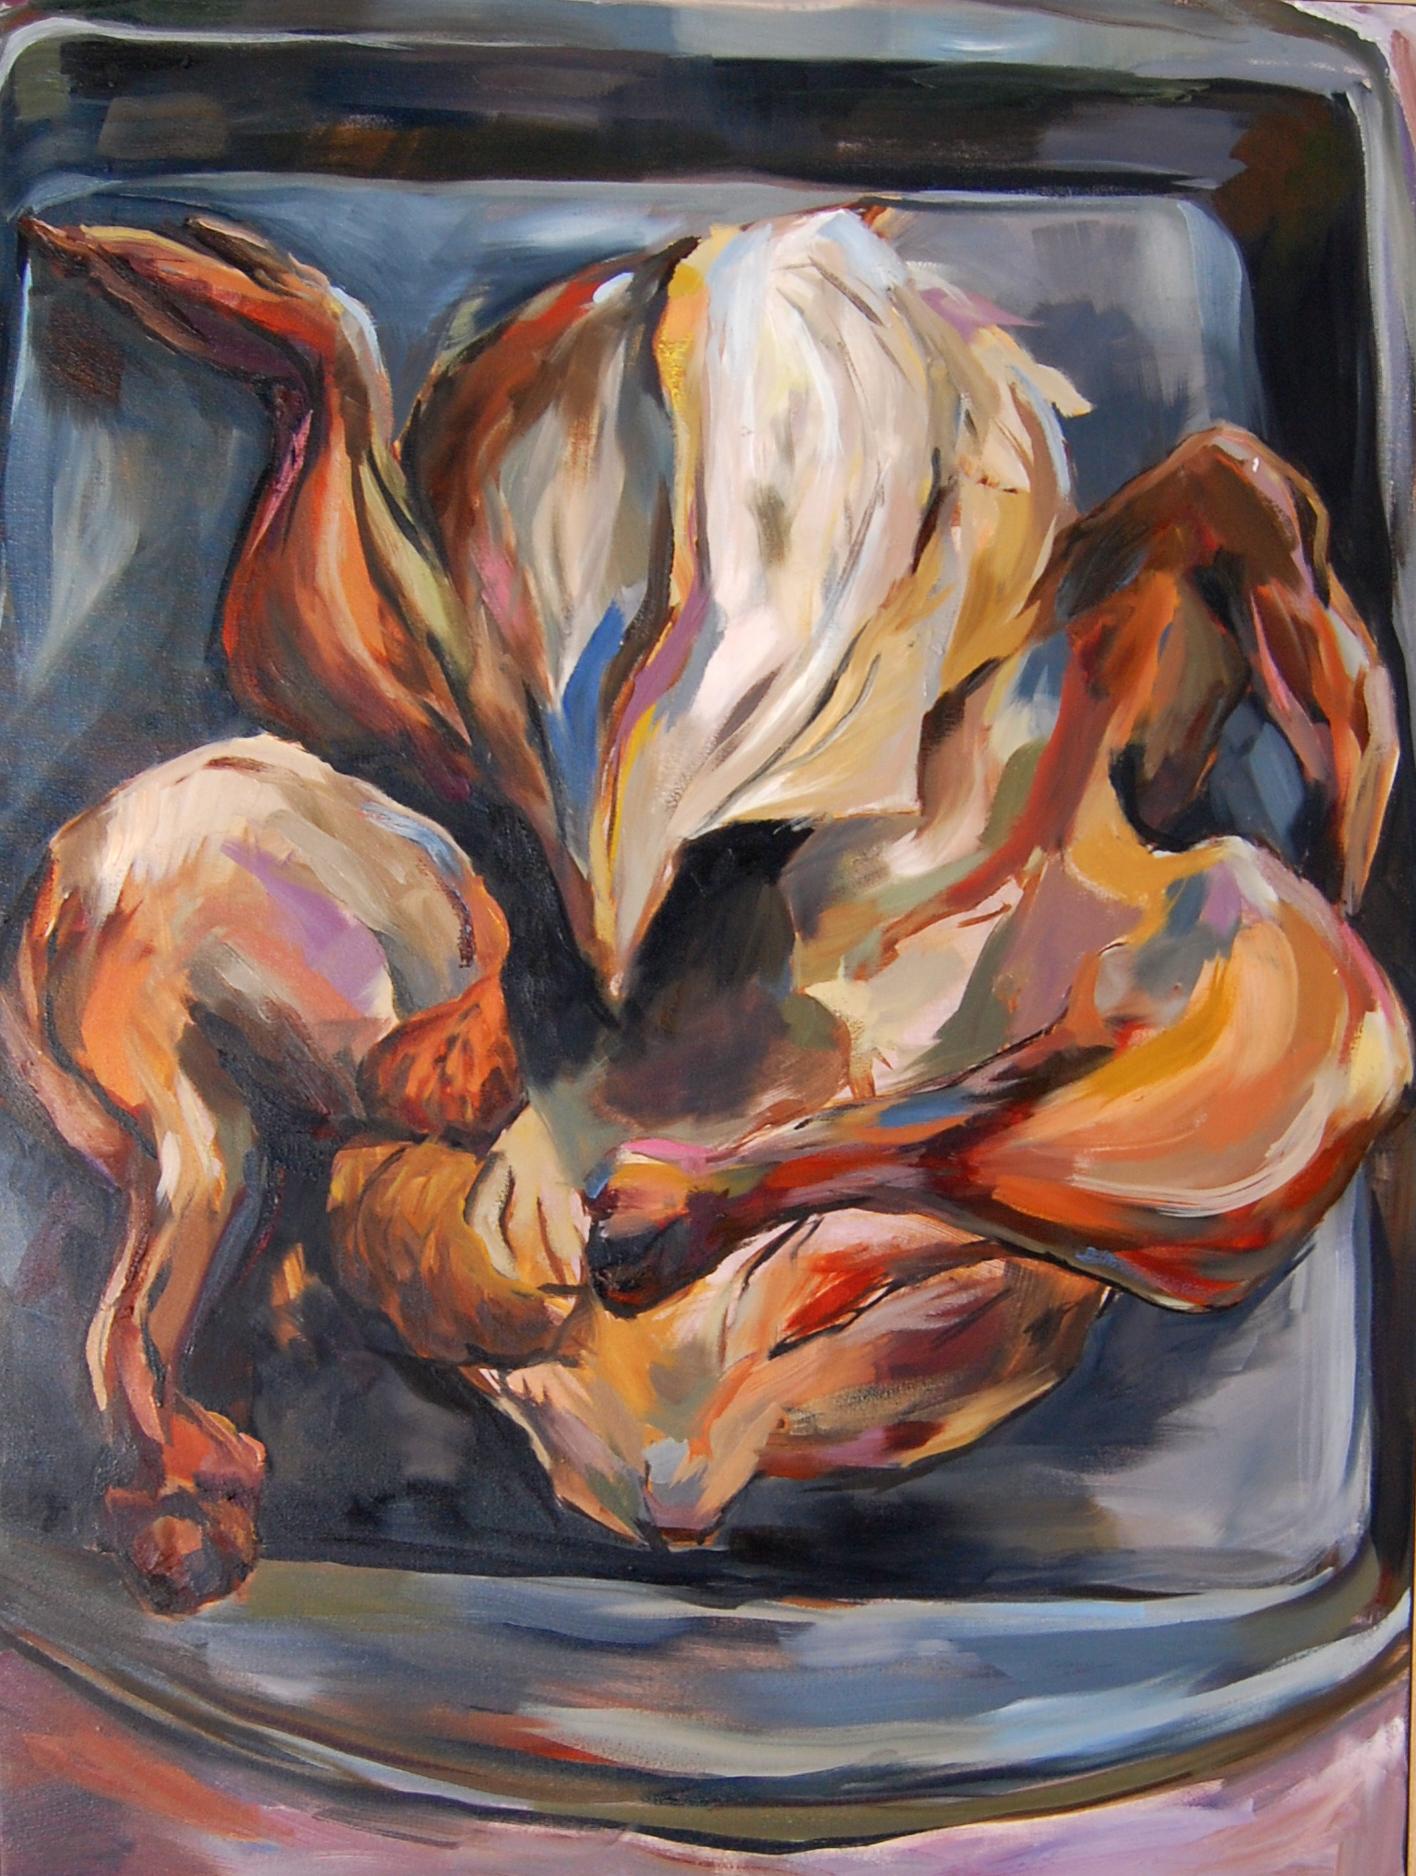 Rotisserie Chicken, Oil on canvas, 2013